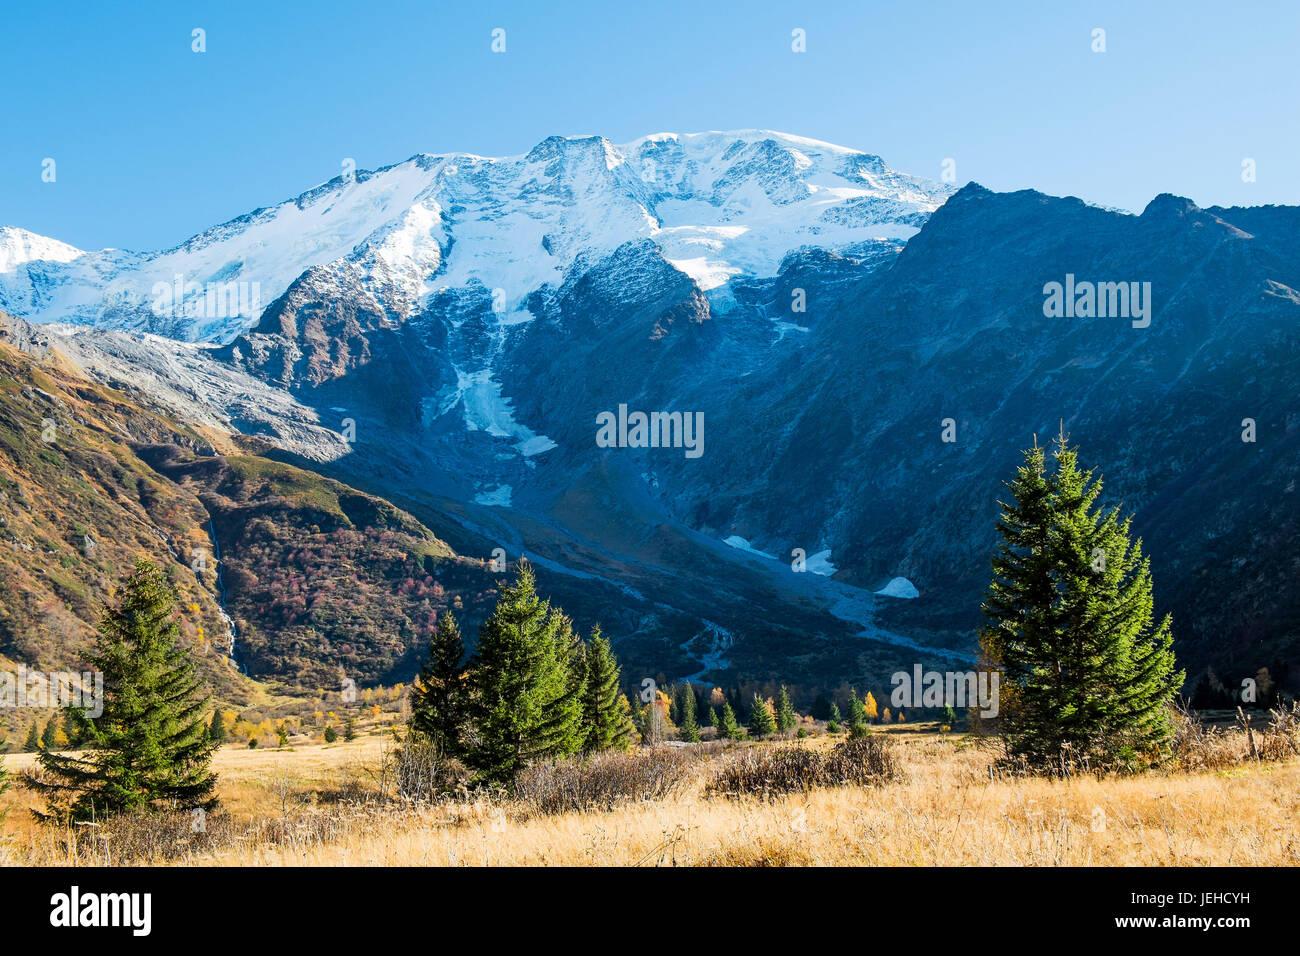 View of Mont Blanc de Miage from Chalets de Miage, Saint Gervais les bains, Chamonix, France - Stock Image